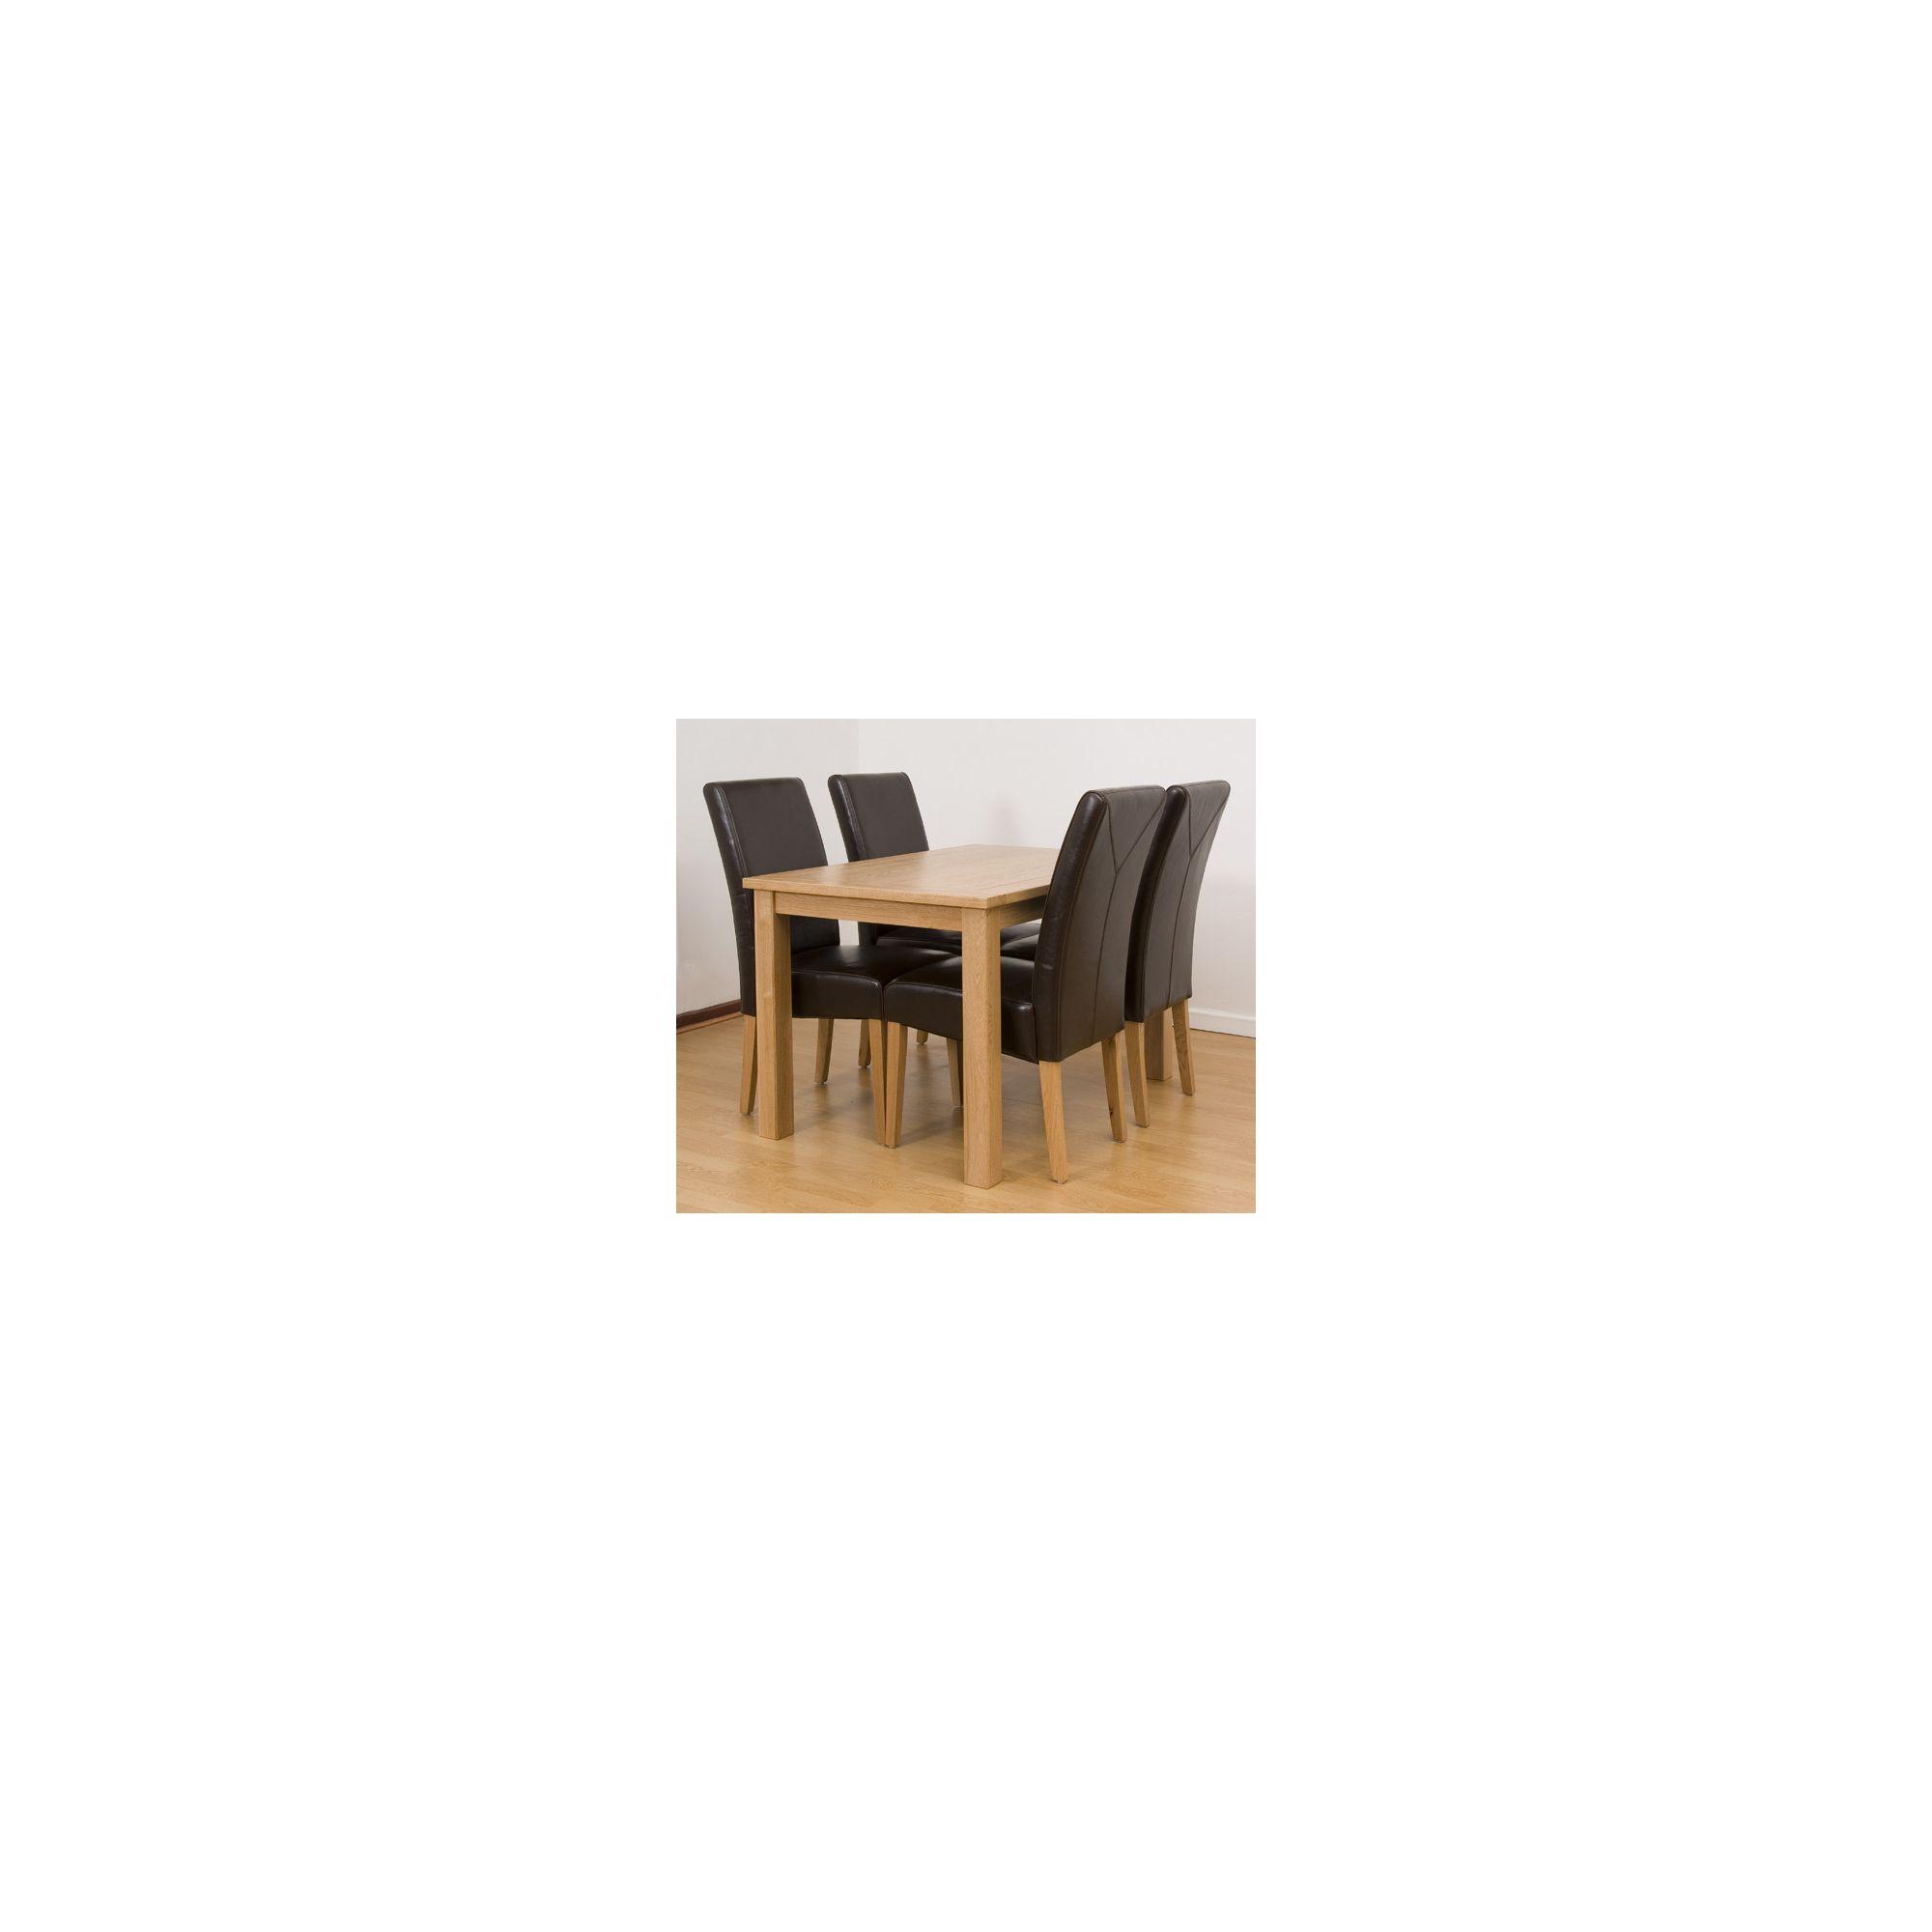 G&P Furniture 5 Piece Rectangular Dining Set at Tesco Direct